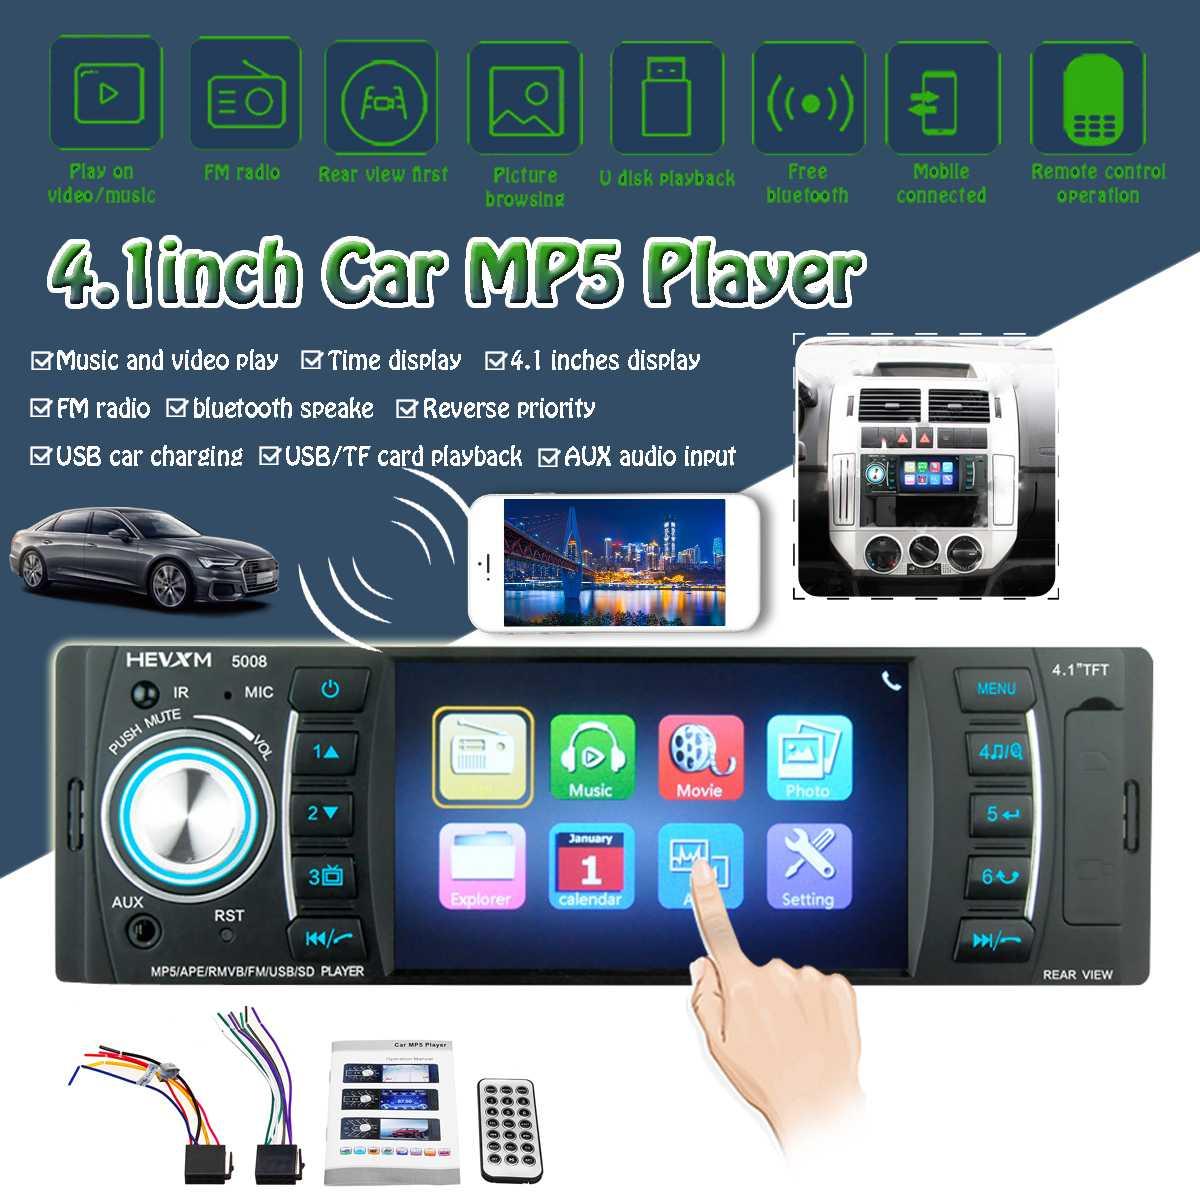 Lecteur MP3 MP5 multimédia Radio stéréo de voiture Audew 1 DIN 4.1 pouces Microphone Audio bluetooth SD USB FM